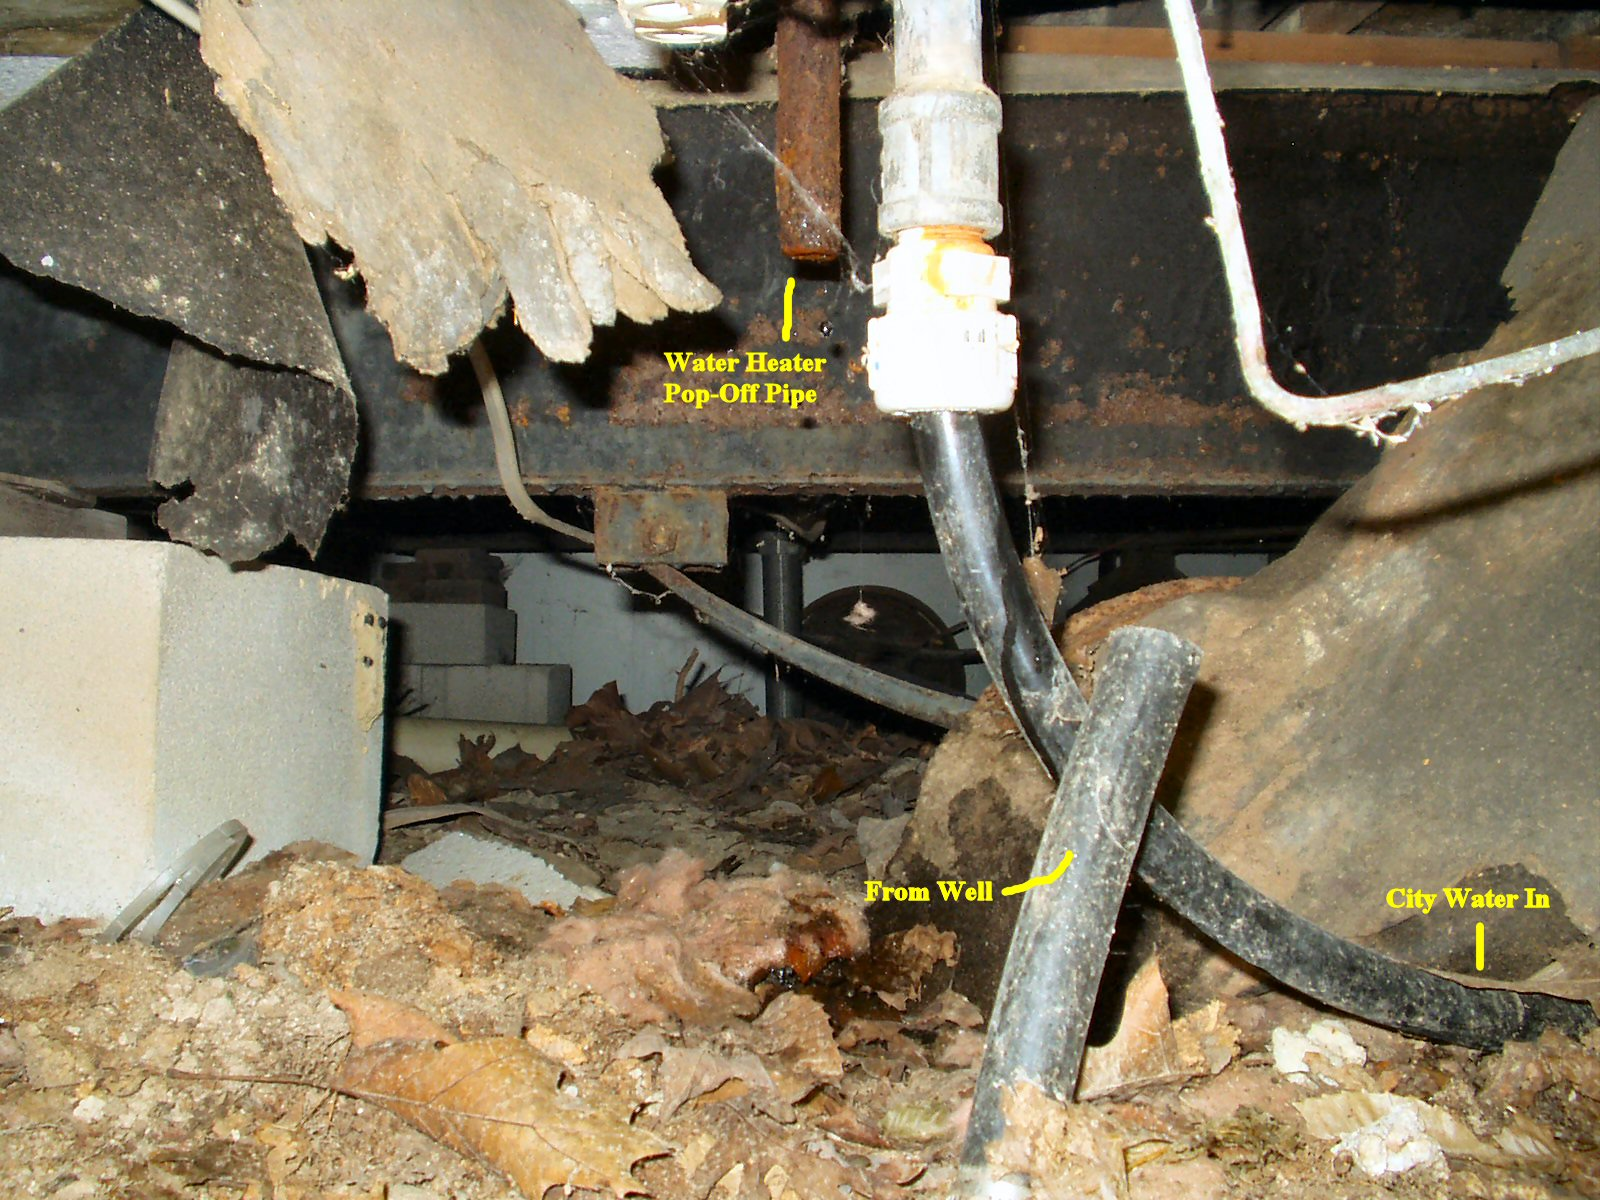 The Plumbing Closet